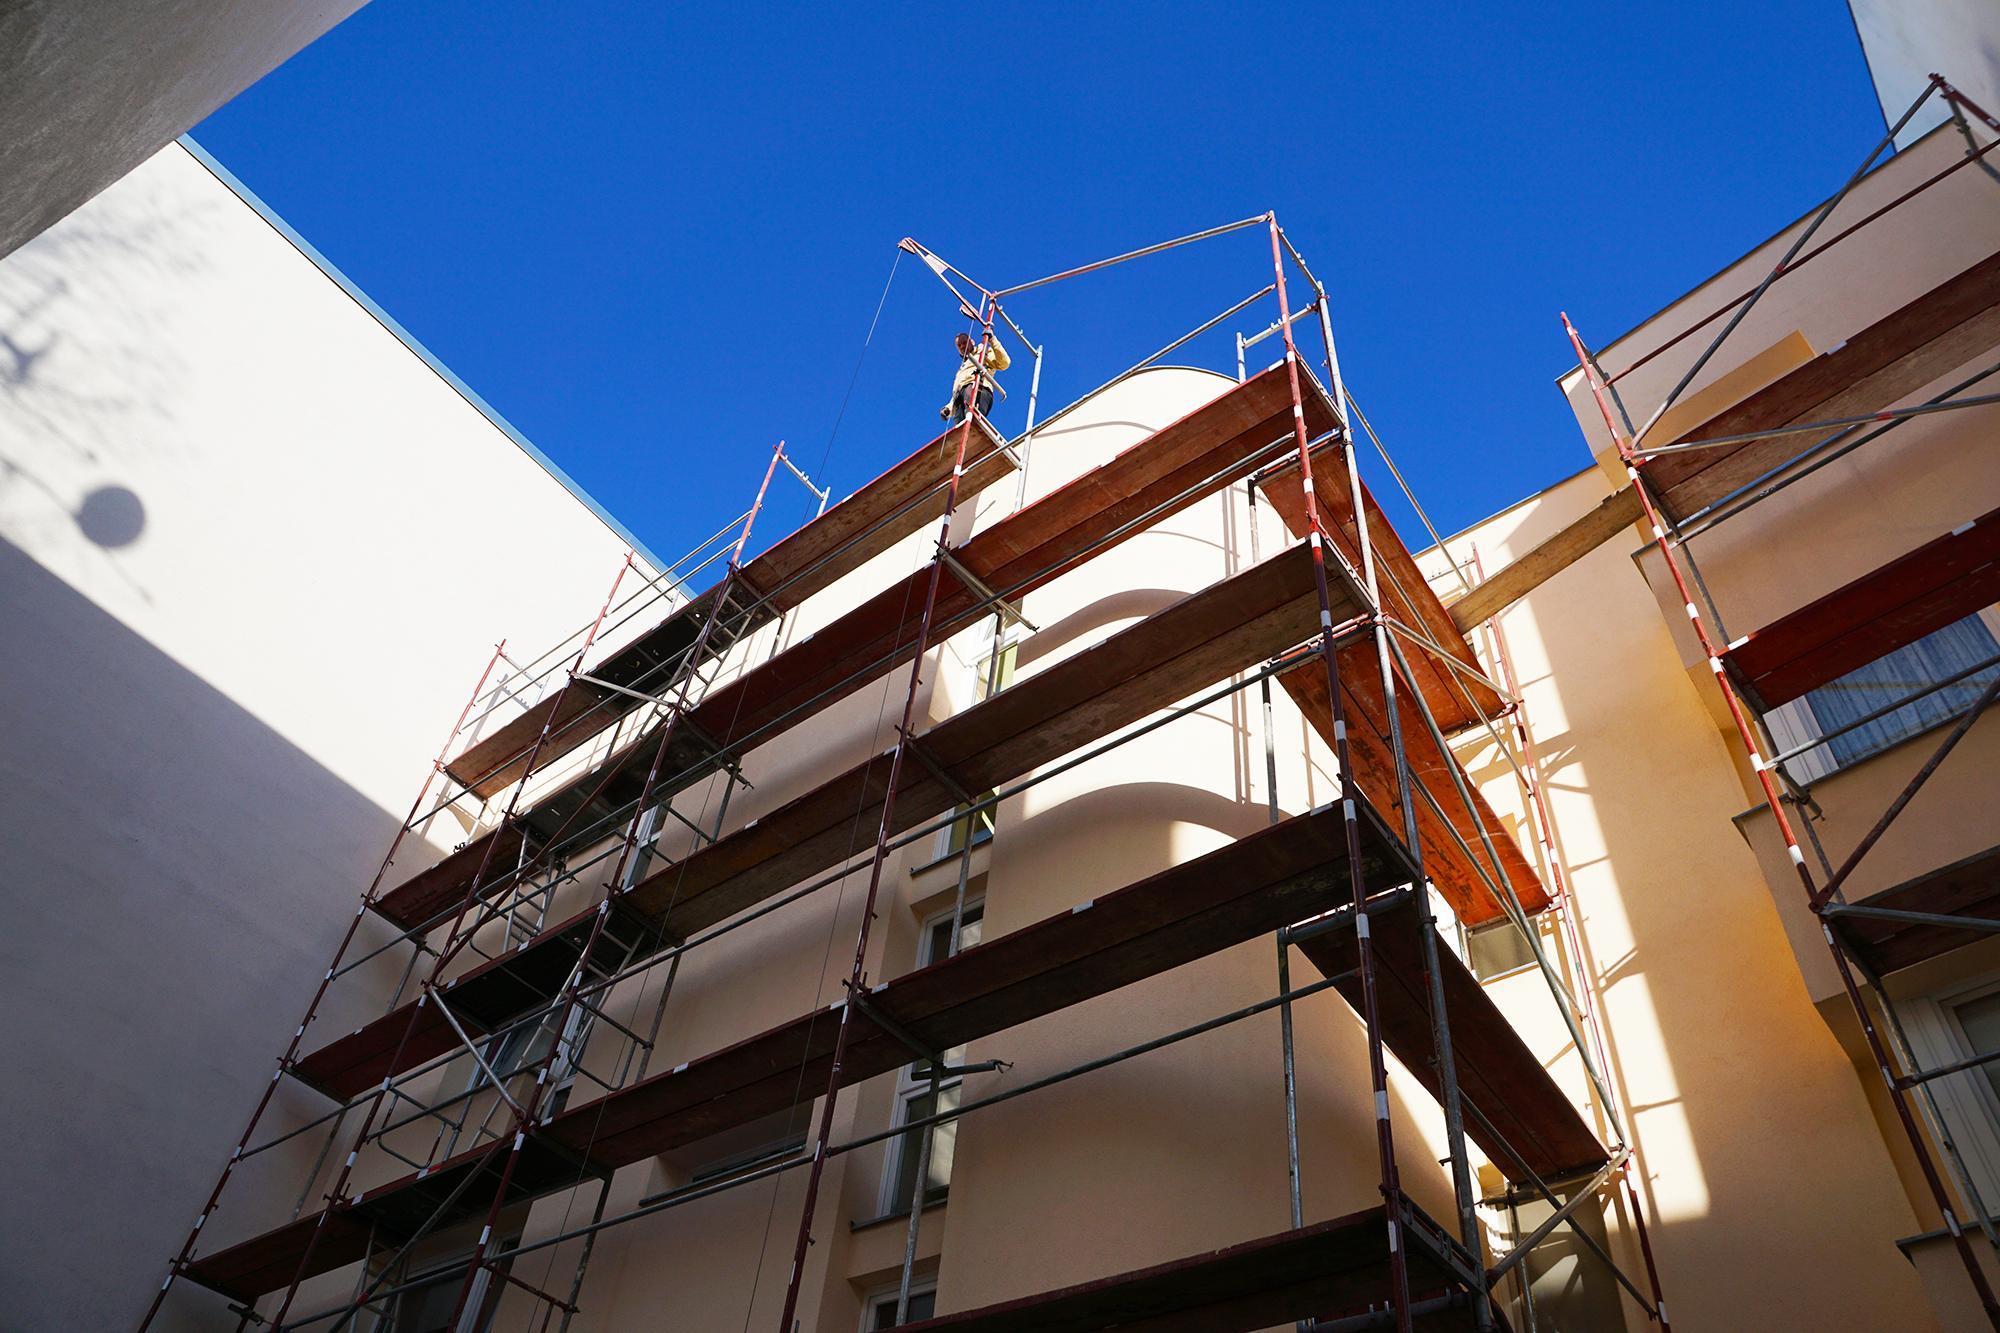 Bauunternehmen Havelland